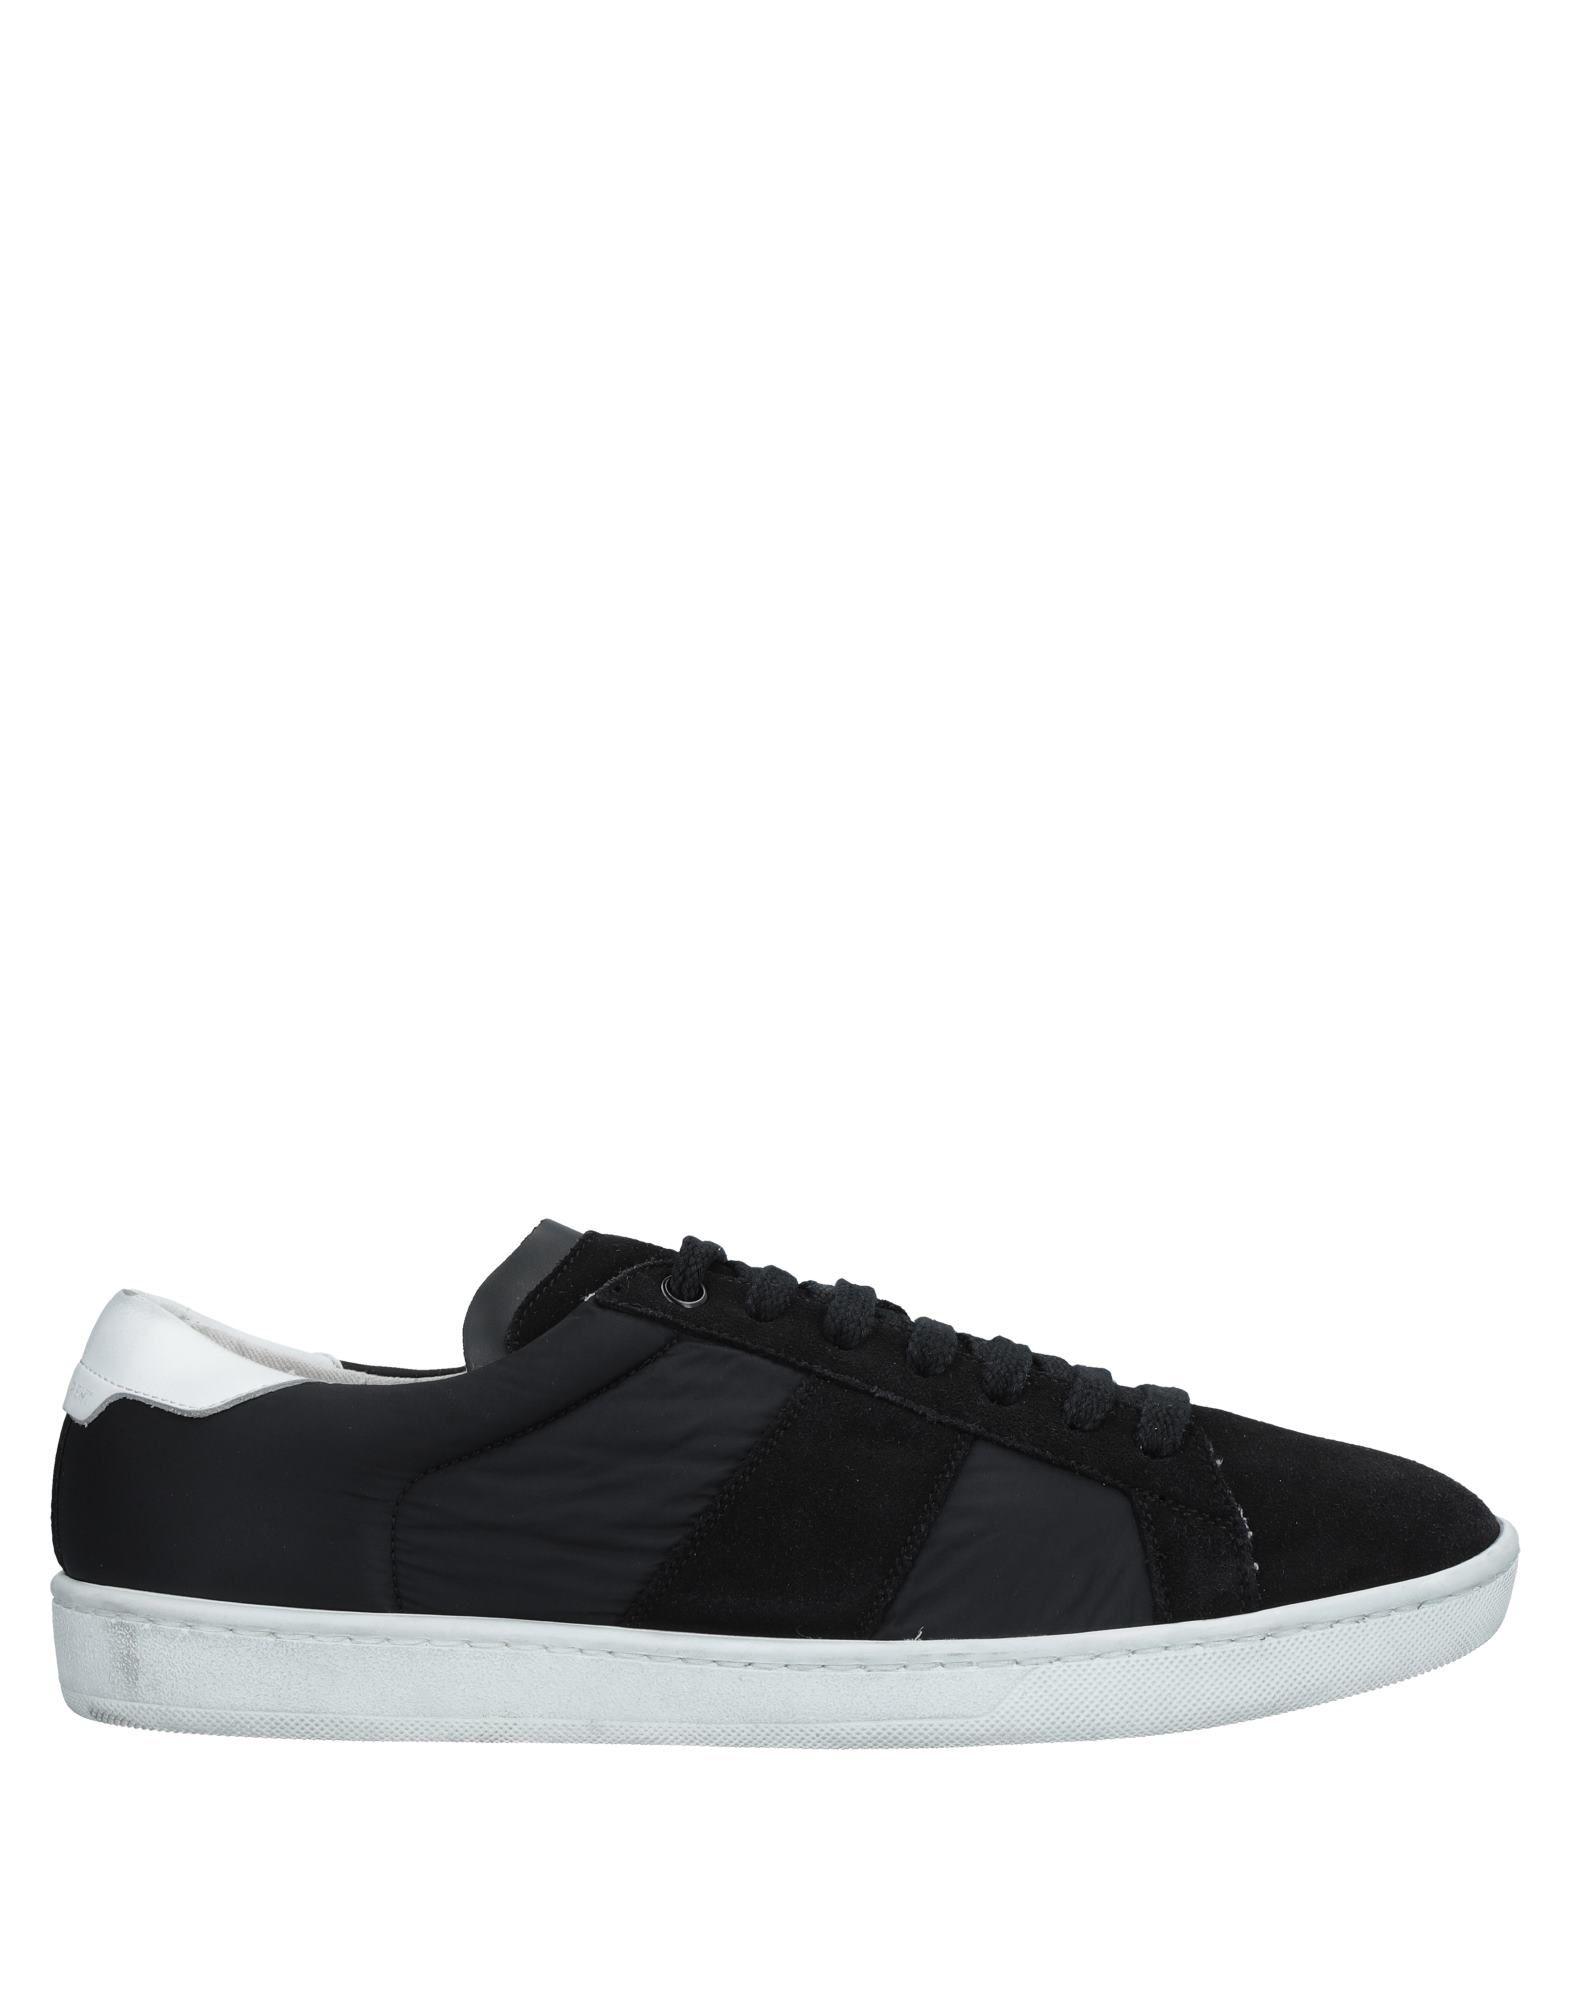 Saint Laurent Sneakers Herren  11537530QE Gute Qualität beliebte Schuhe